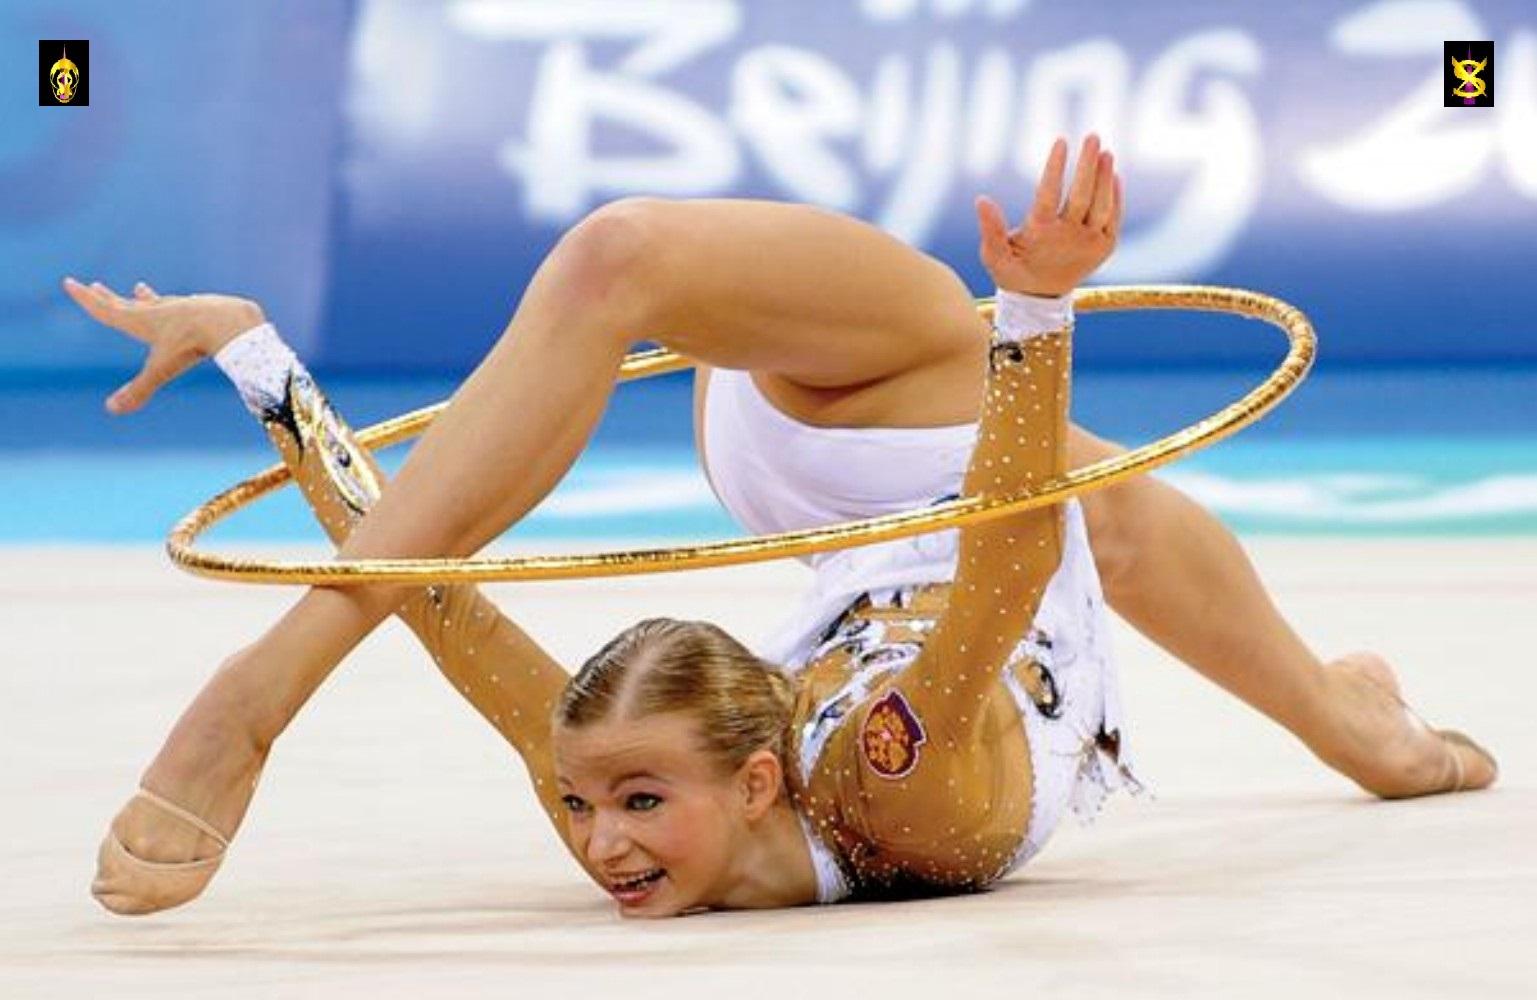 Фото спортсменок художественной гимнастики крупным планом 10 фотография